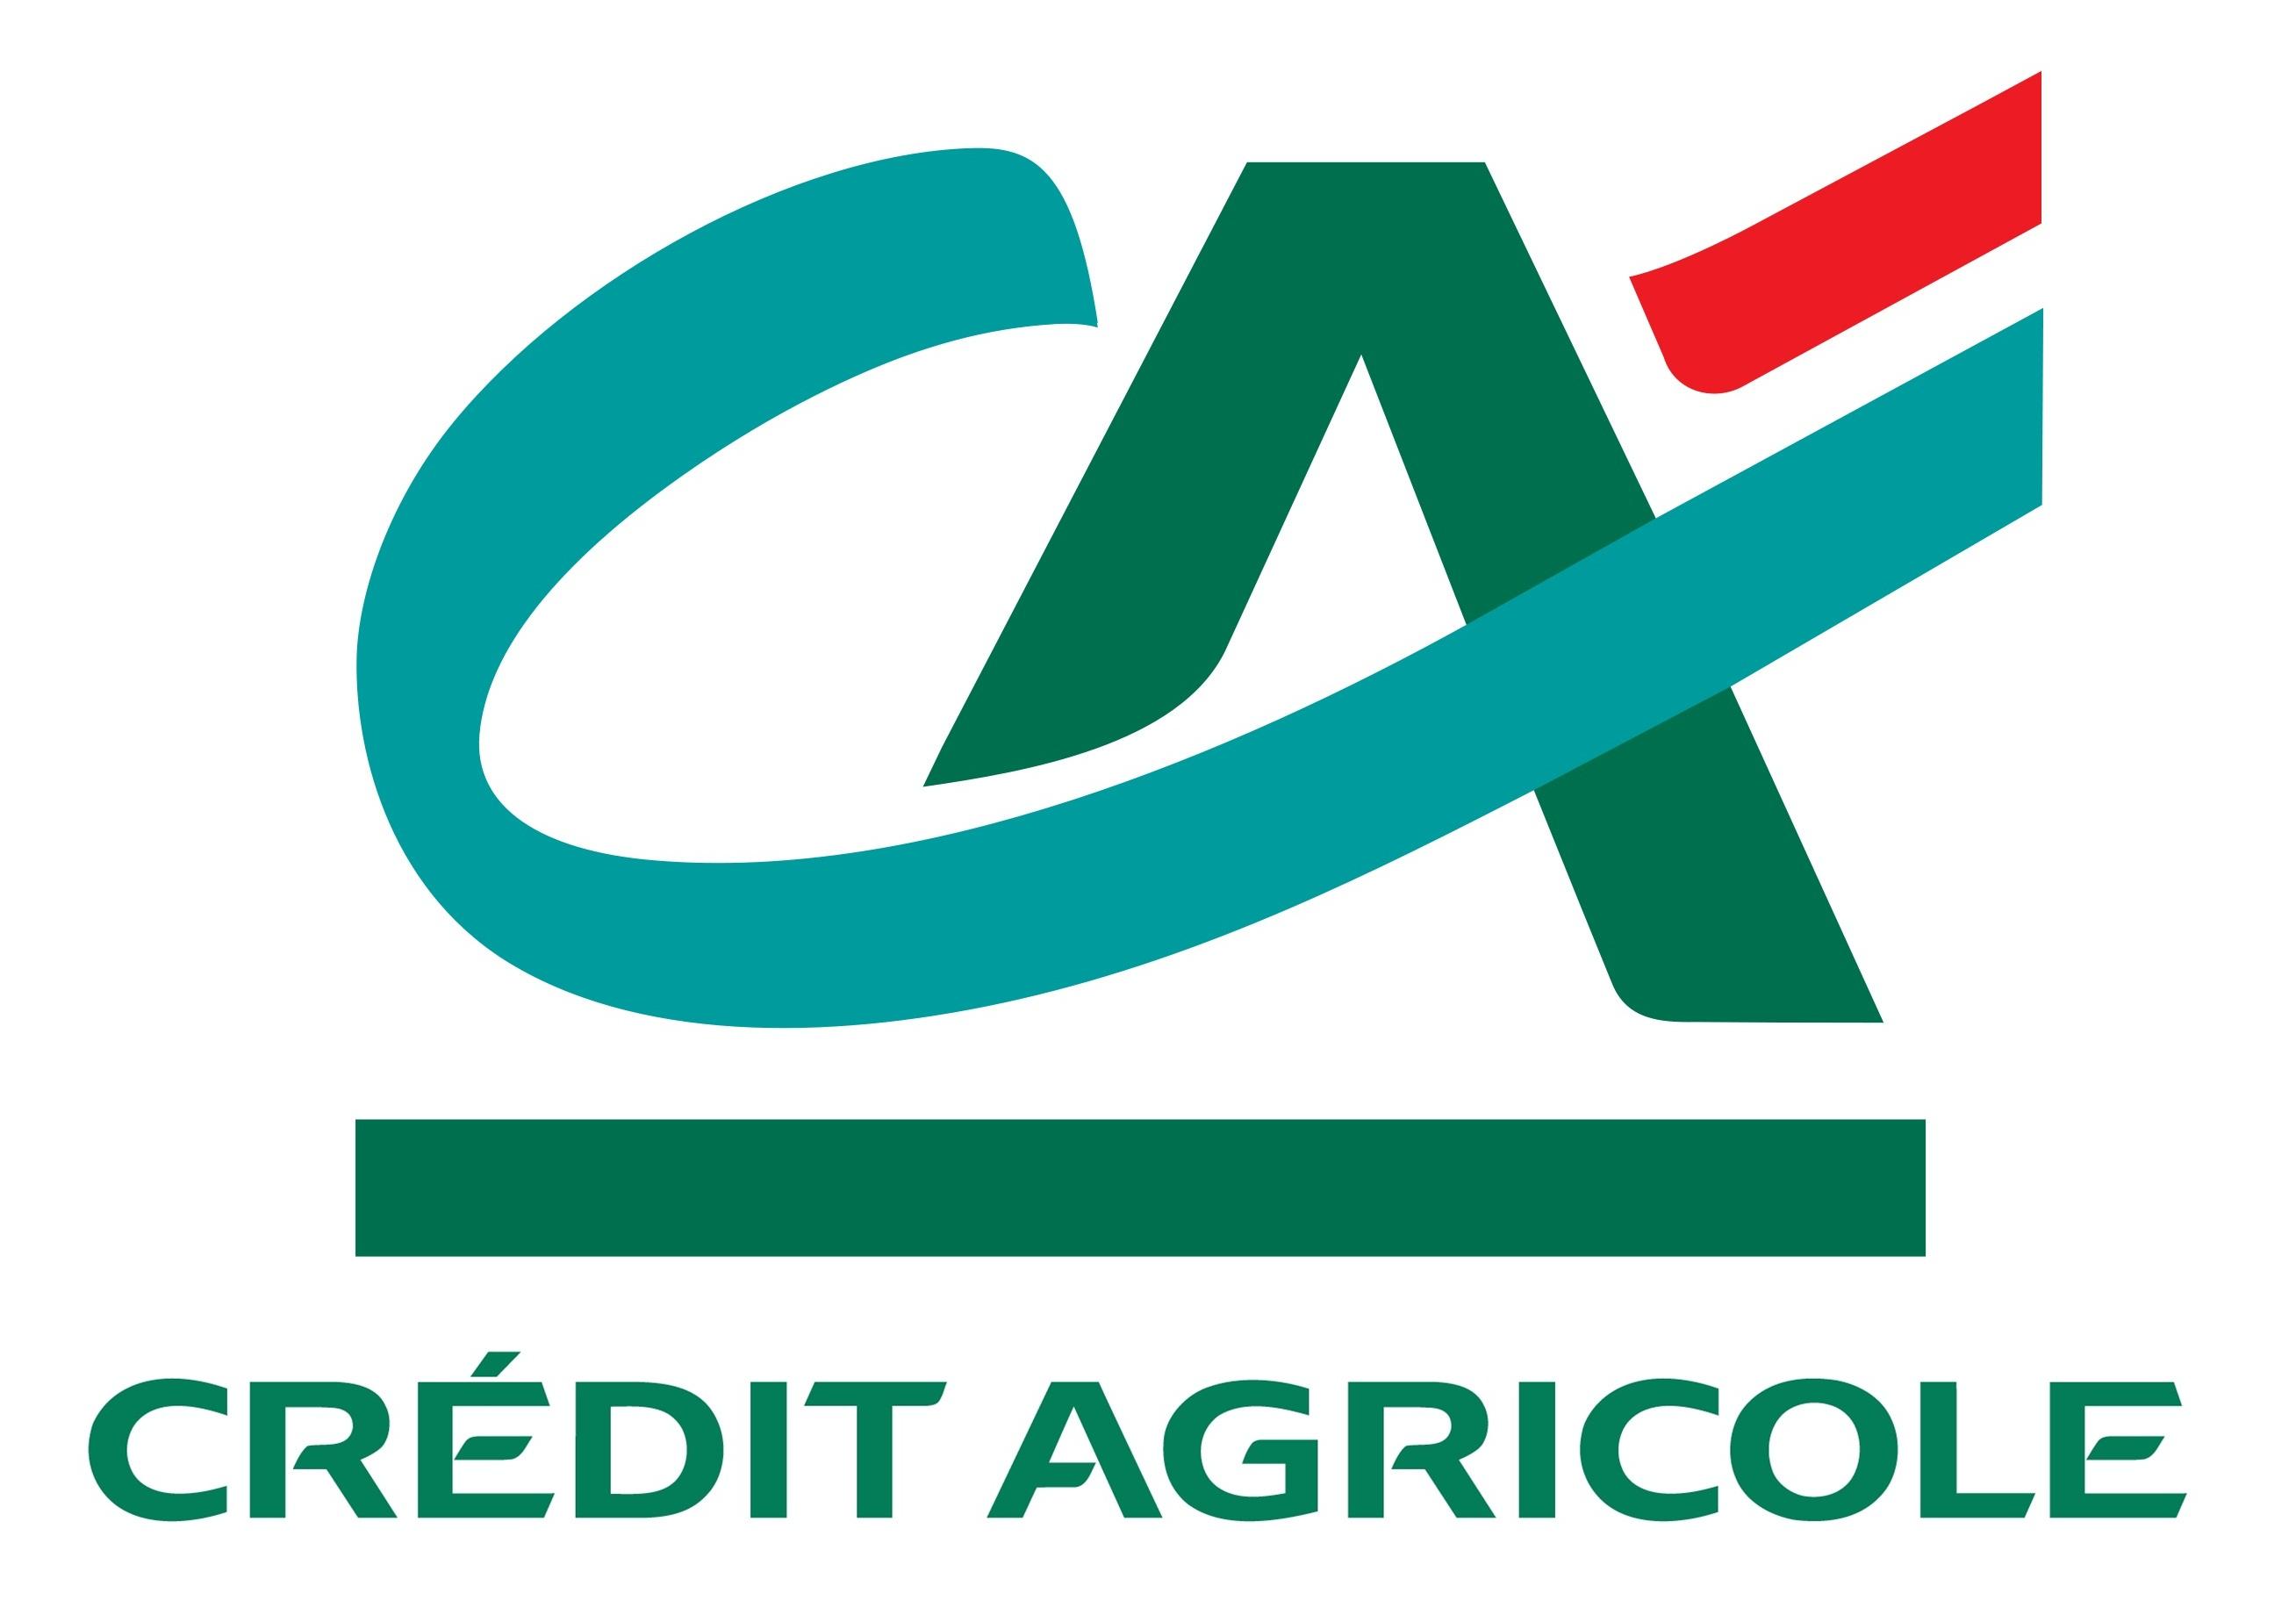 Crédit Agricole Grupa: Neto prihod Grupe 1.435 miliona evra u Q2 2019. godine